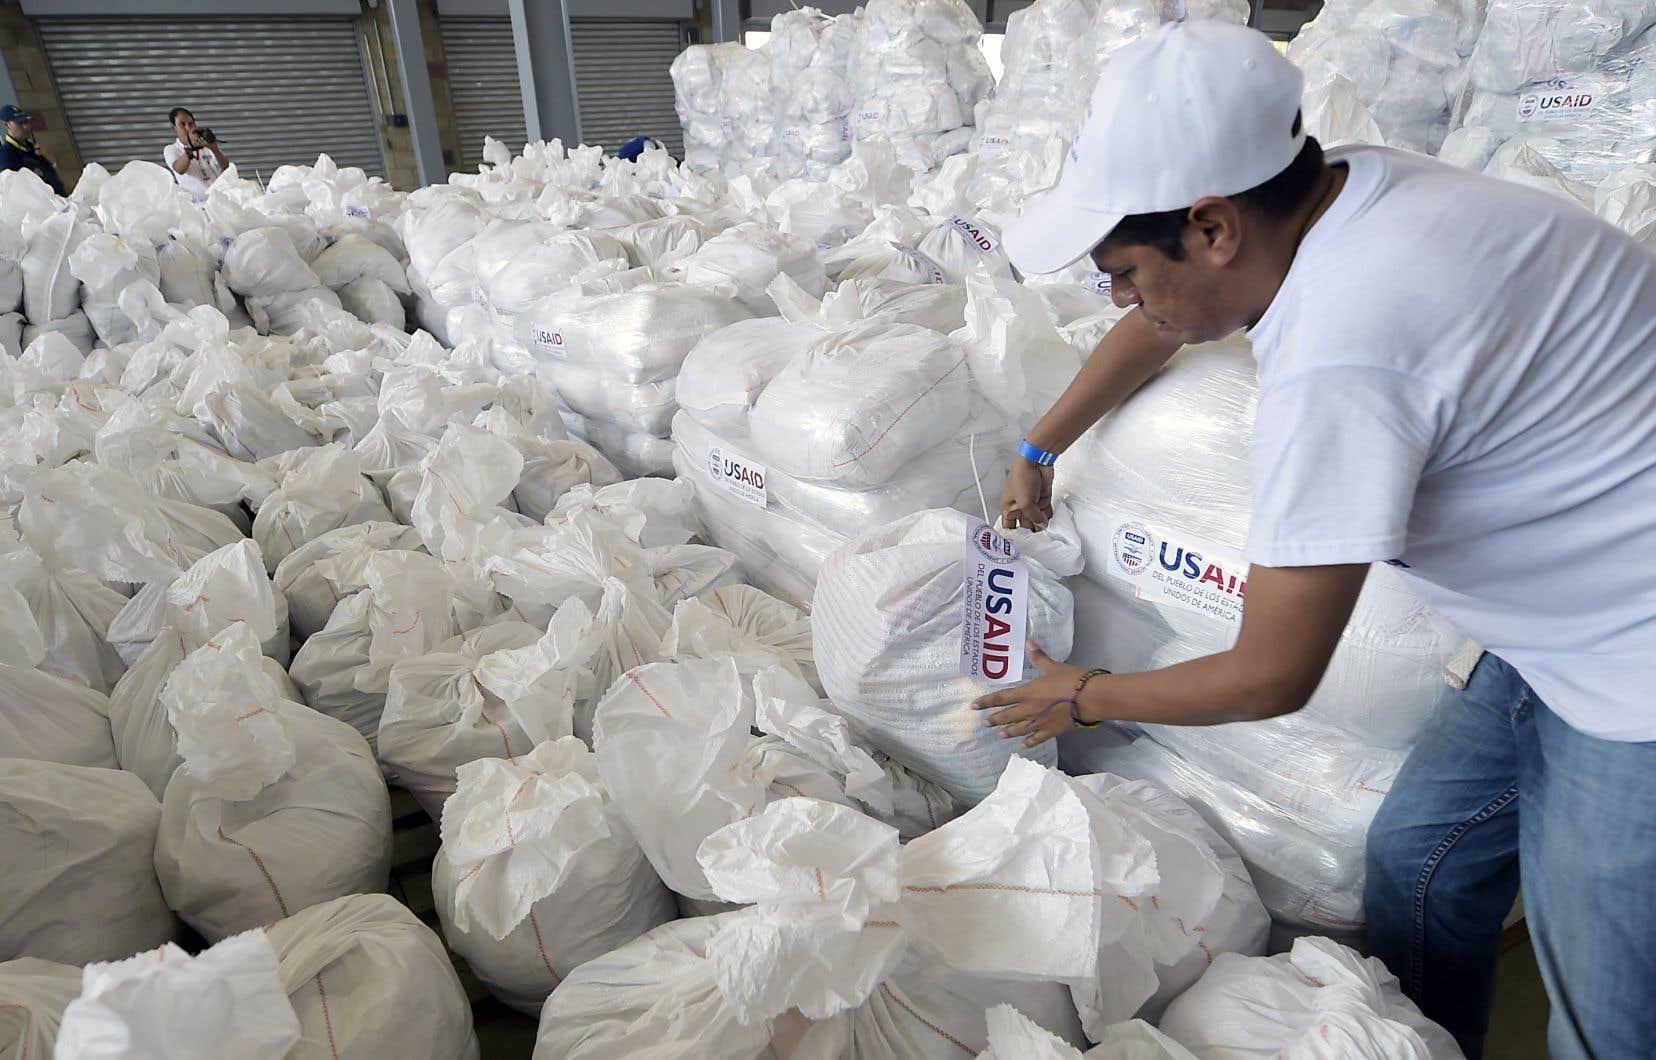 L'aide humanitaire envoyée par le gouvernement américain vers le Venezuela reste bloquée en Colombie.